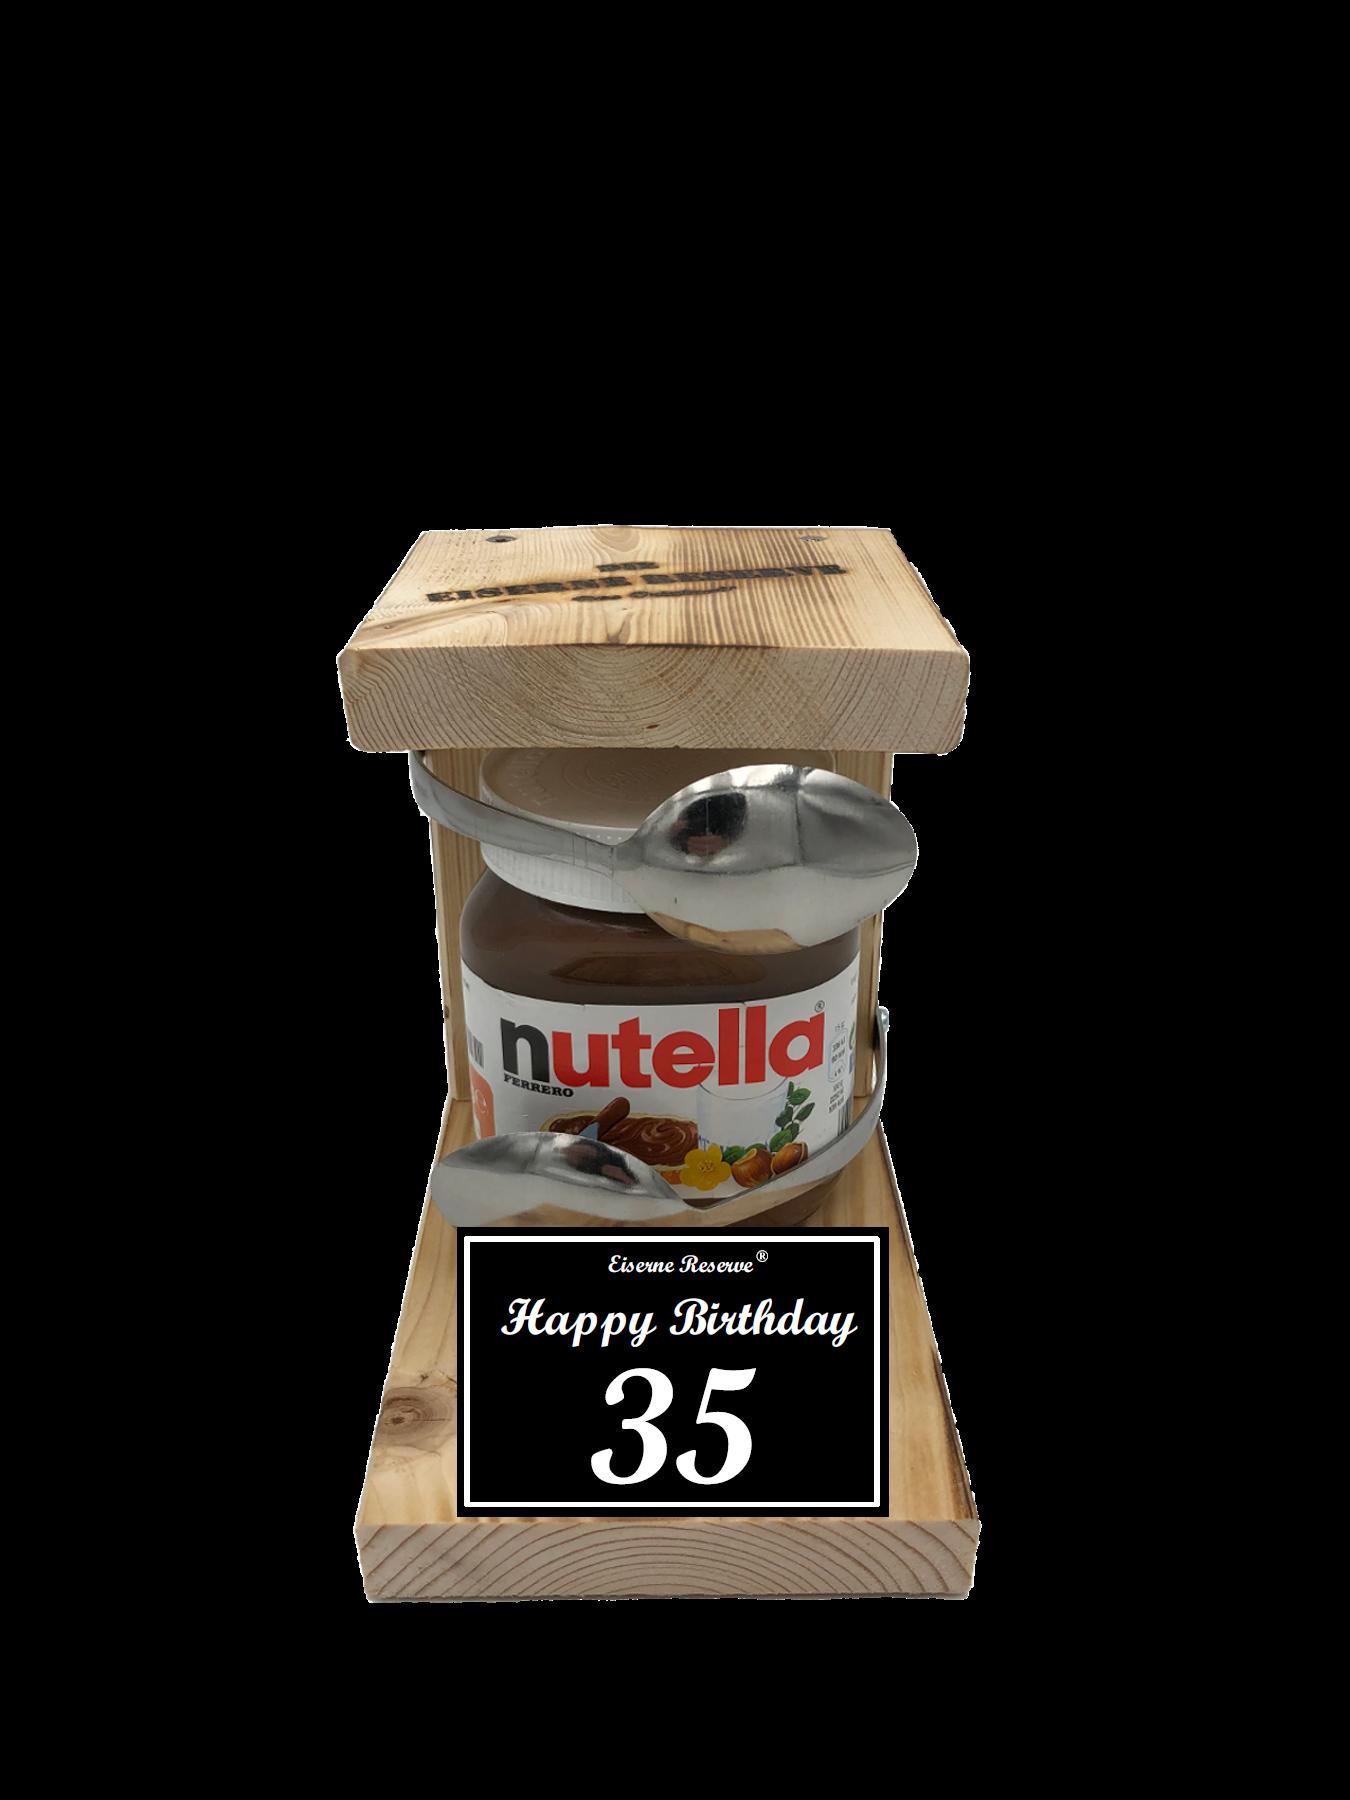 35 Happy Birthday Löffel Nutella Geschenk - Die Nutella Geschenkidee